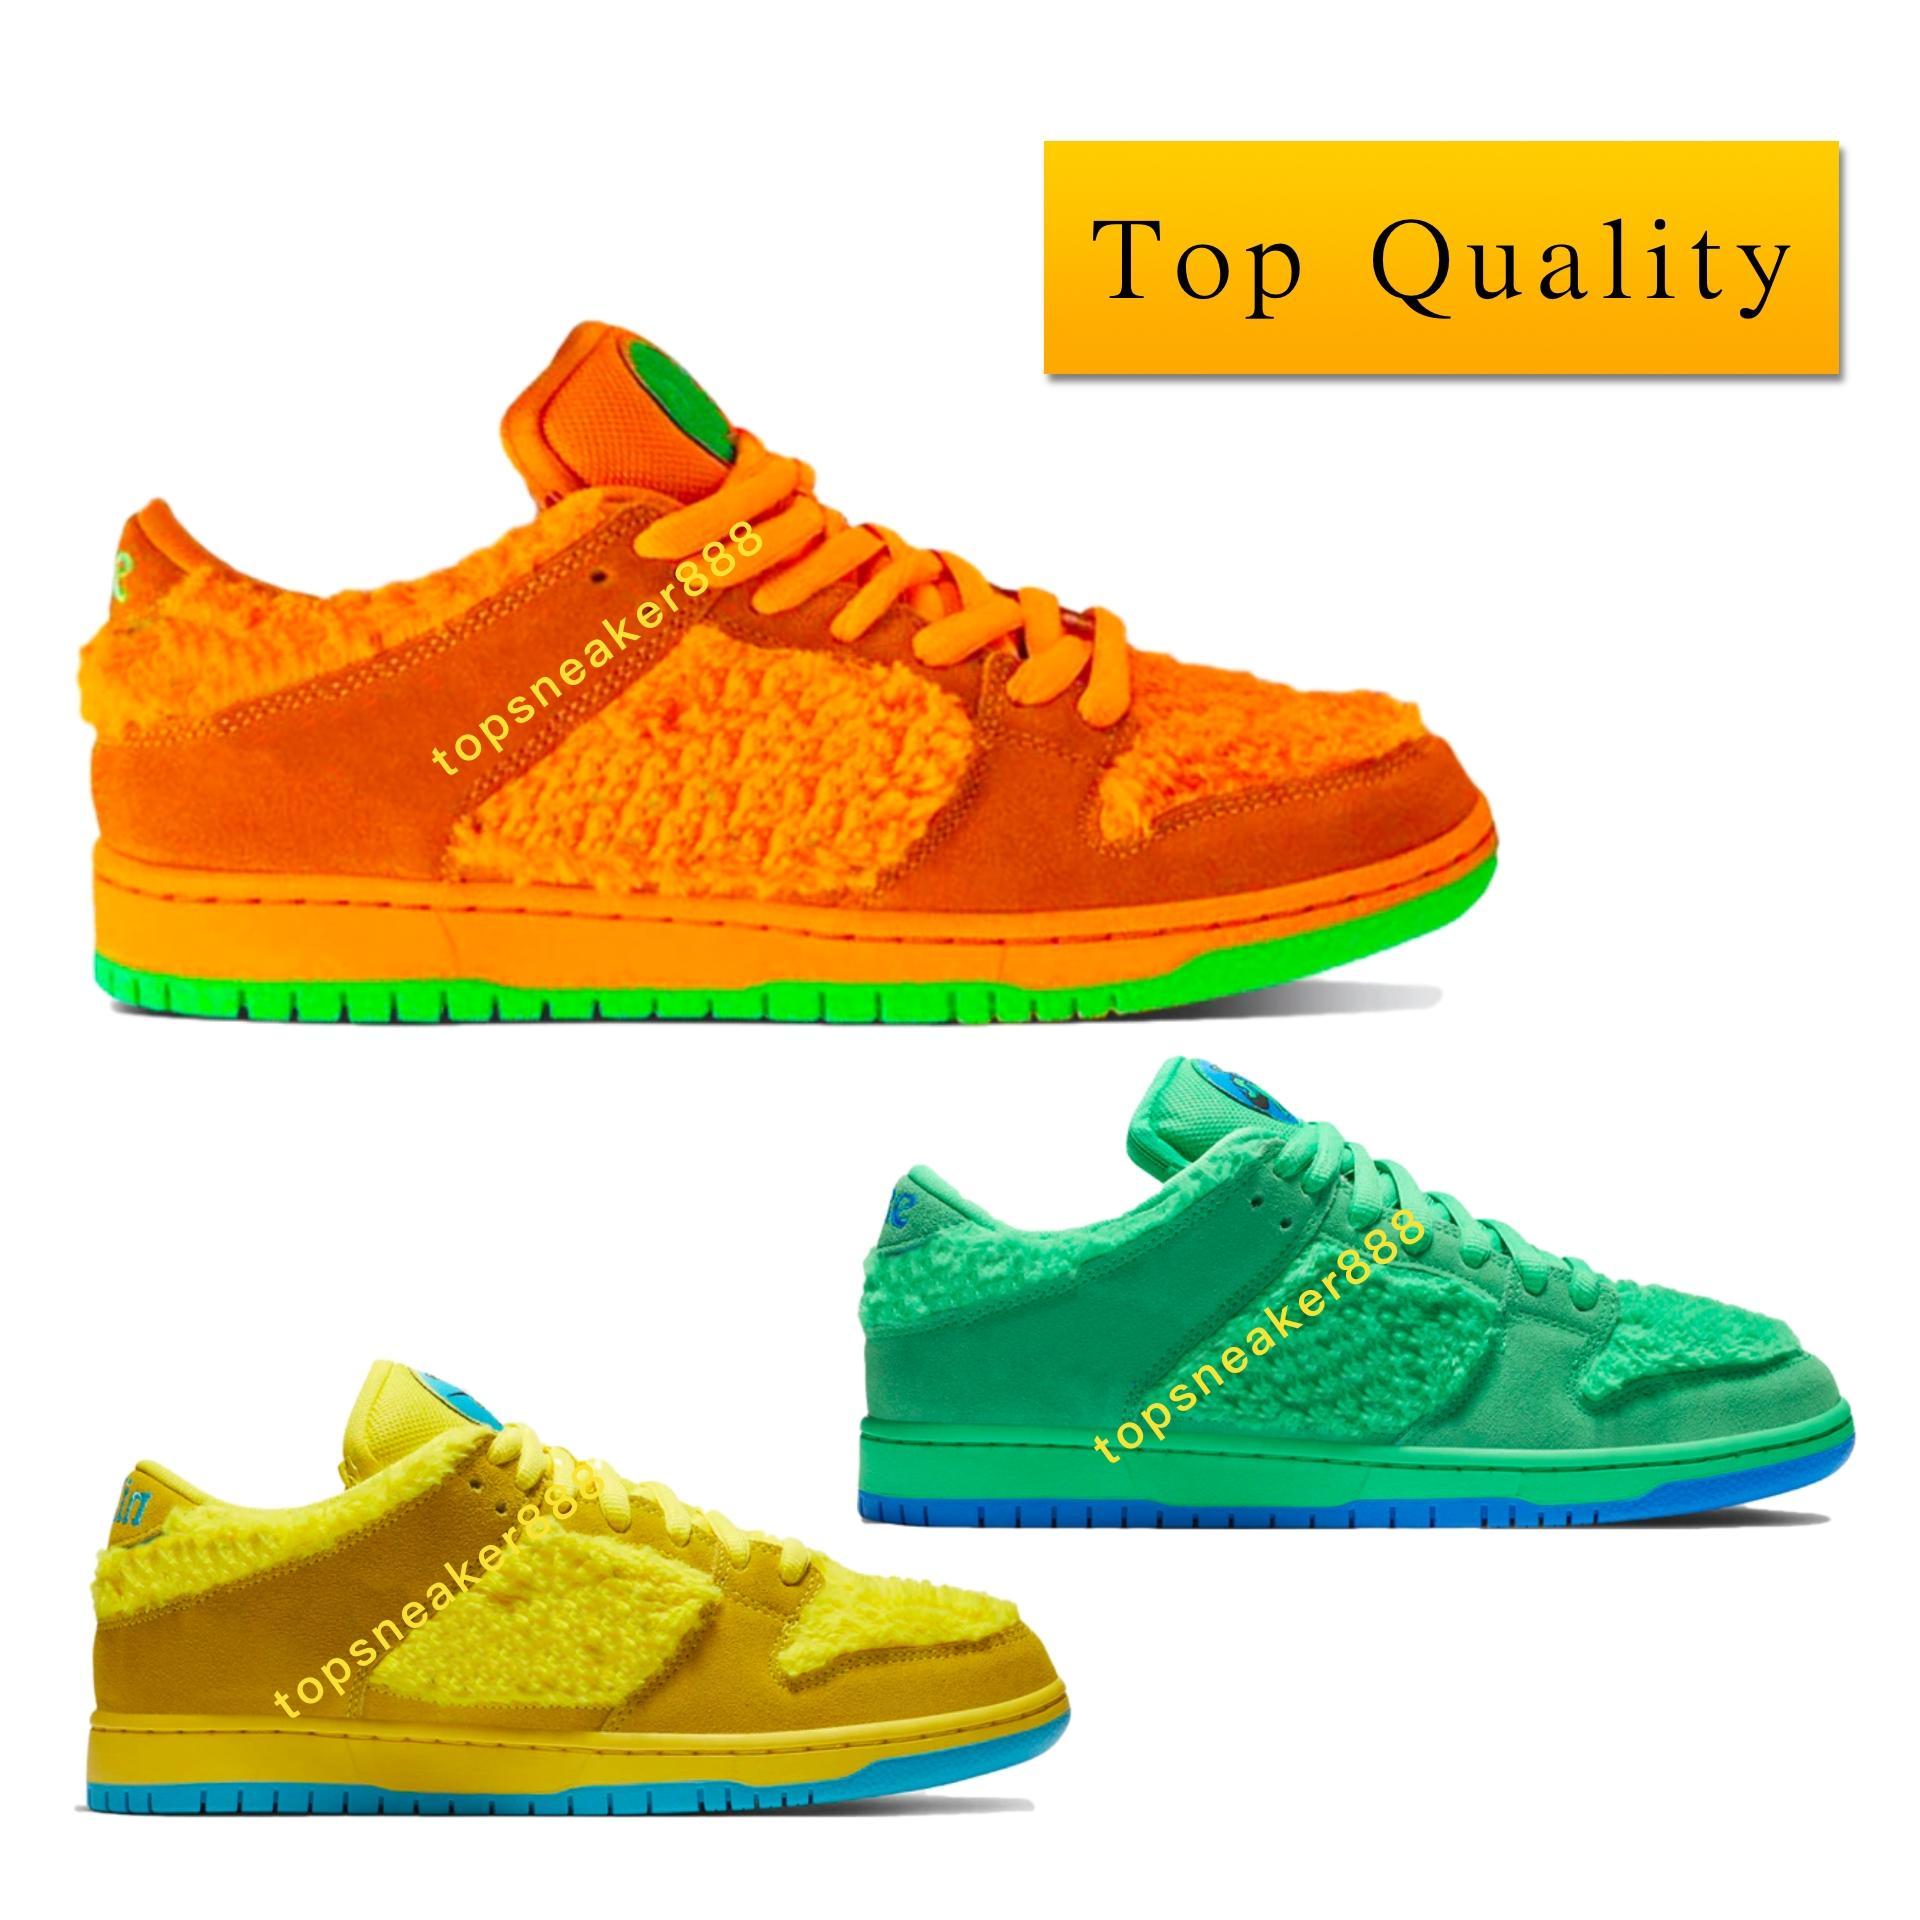 أعلى جودة الرجل أحذية عارضة أزياء 2020 أصفر برتقالي الأخضر إمرأة حذاء رياضة منخفضة الحجم 5،5 حتي SB Dunk Low Grateful Dead Bears Orange Green Yellow sb dunk designer shoes 12